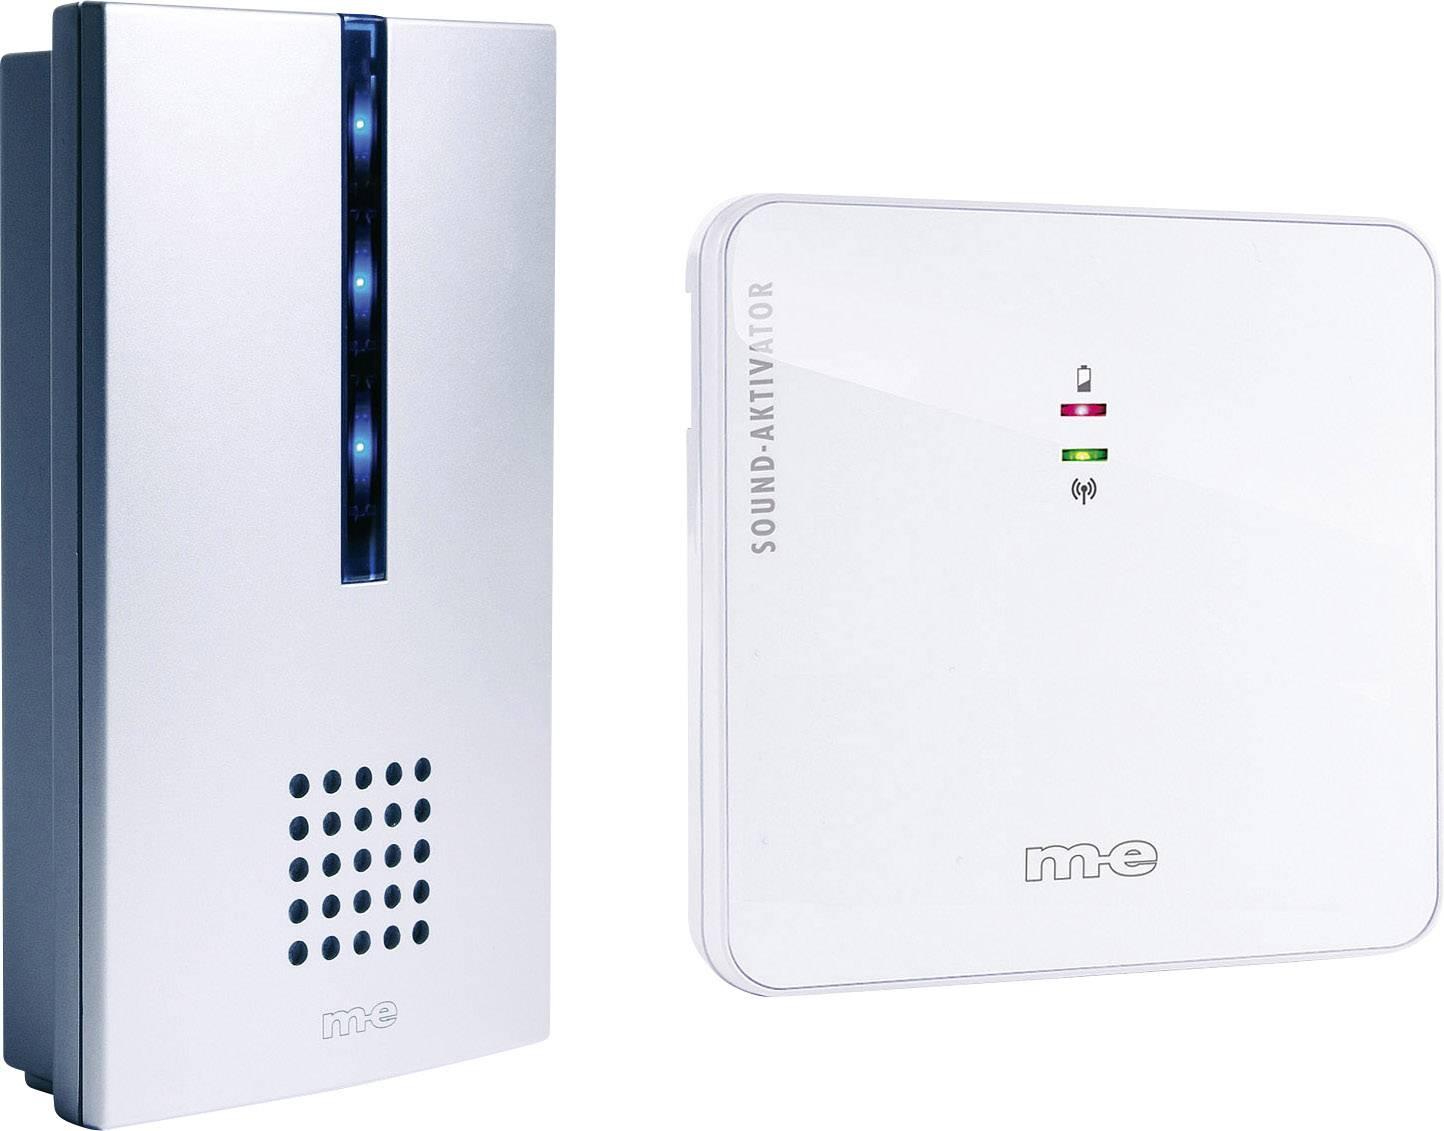 Draadloze Deurbel Met Extra Ontvanger.M E Modern Electronics 41018 Complete Set Voor Draadloze Deurbel